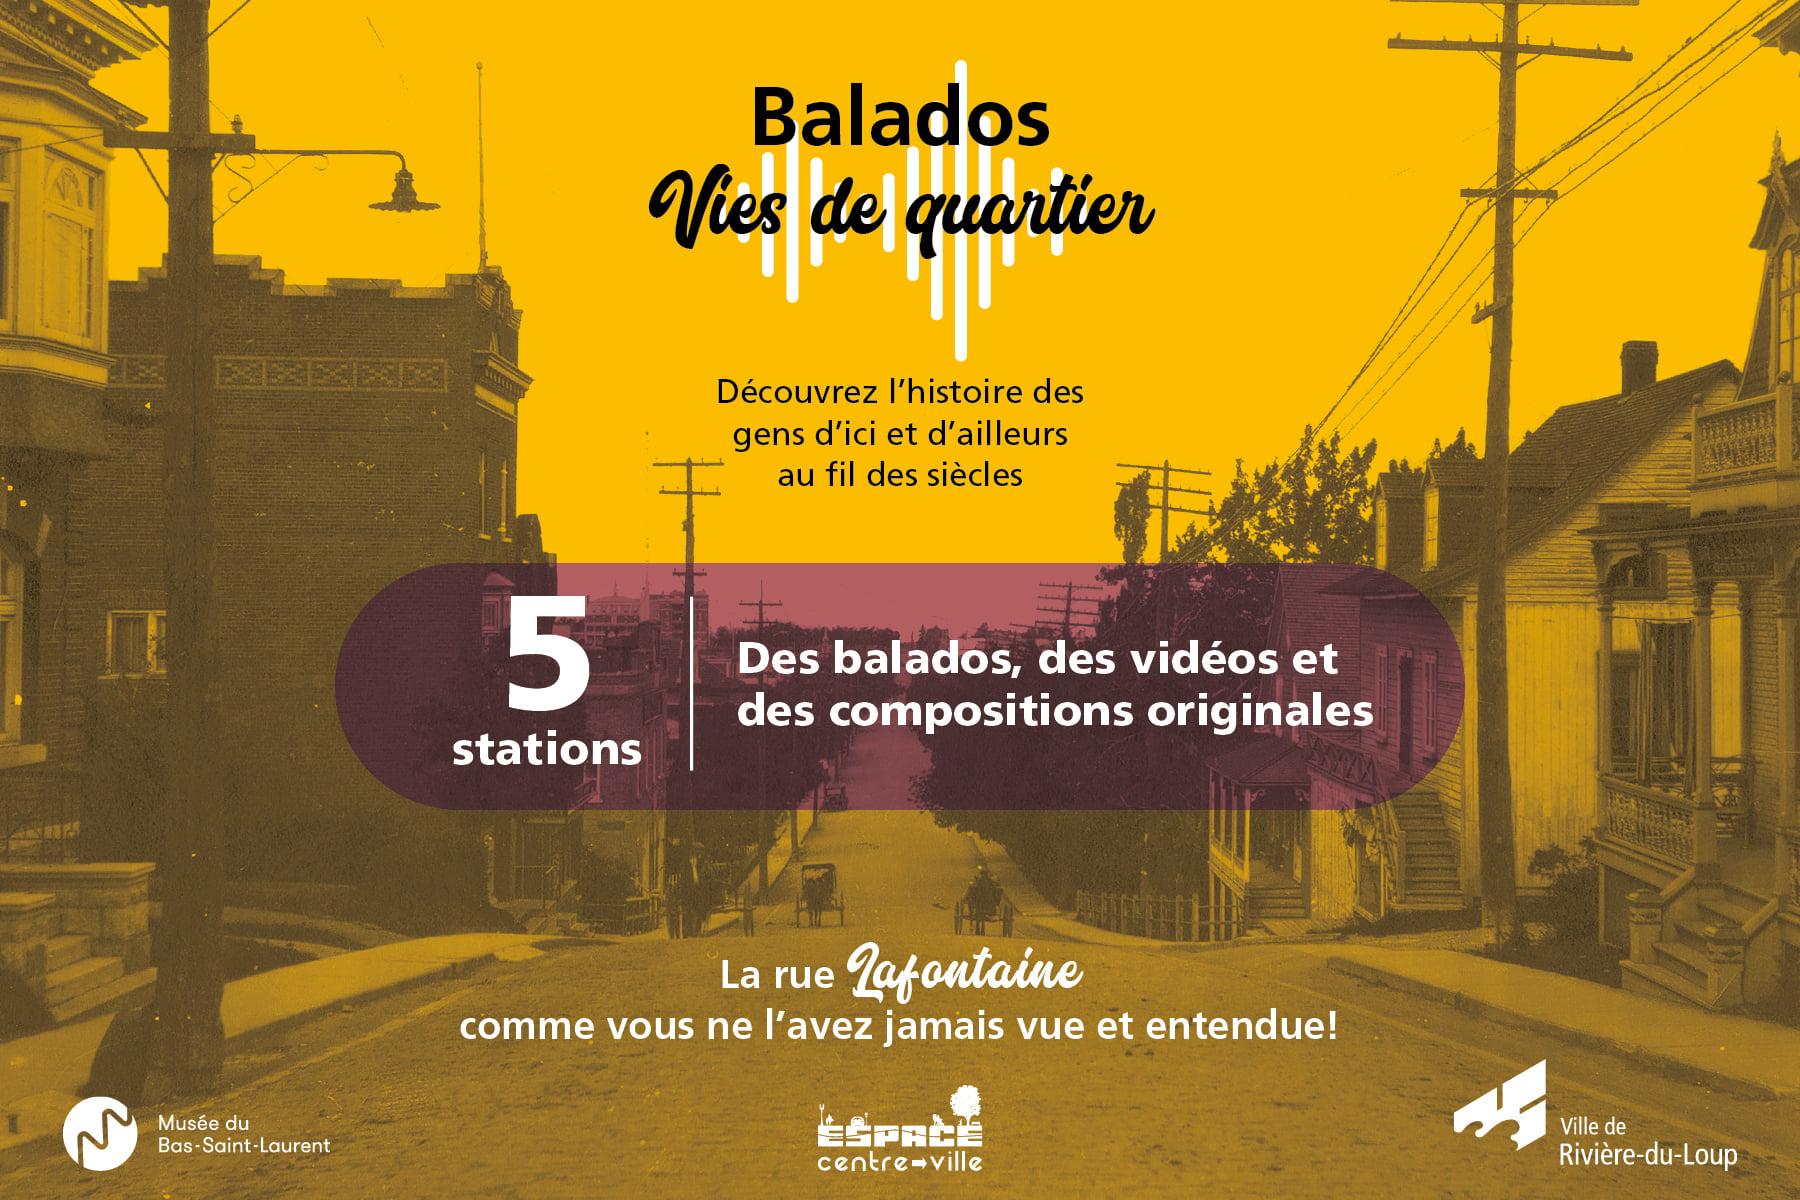 balado-vie_de_quartier.jpg (497 KB)